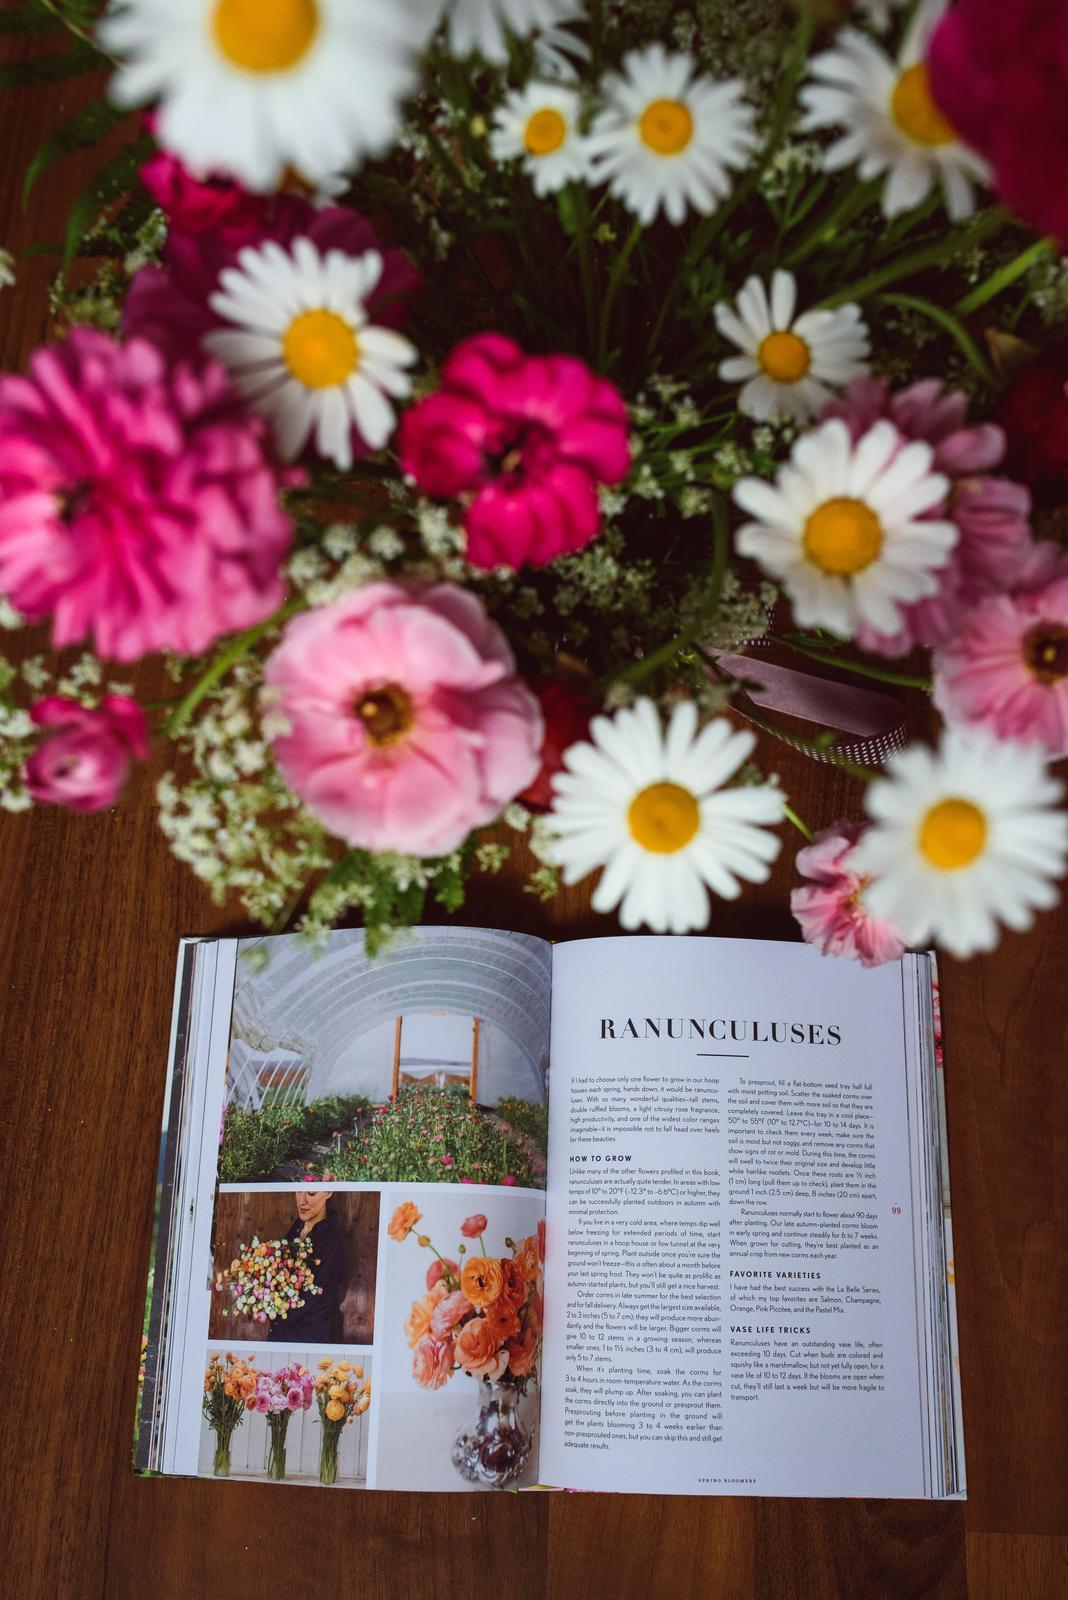 Vo víre kvetov... - Ranunculusy sa nedajú nemilovať :-)